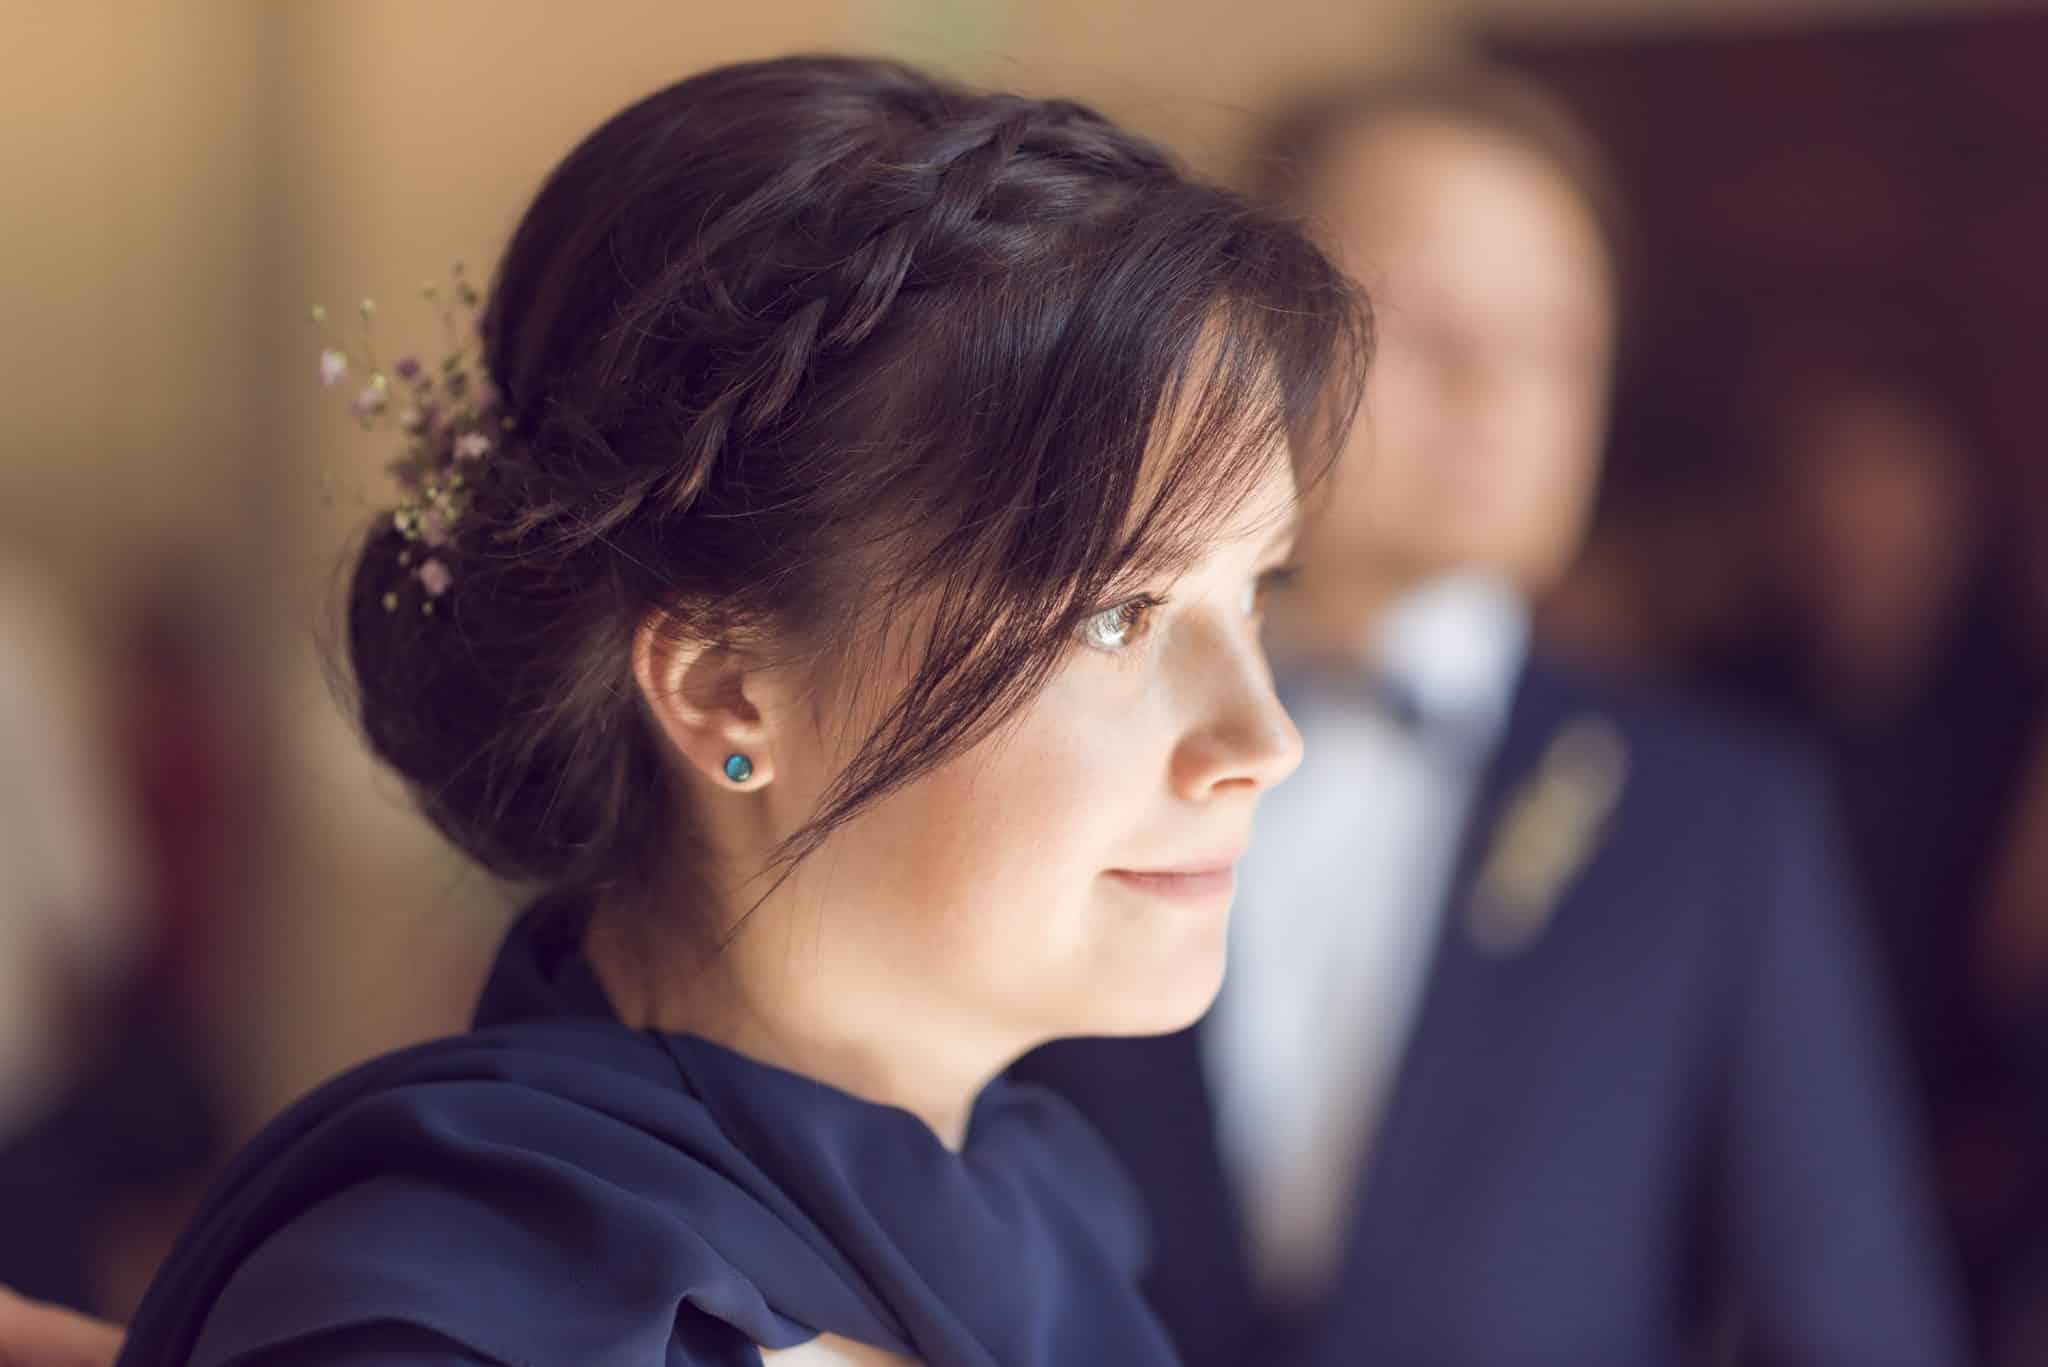 Brautfoto im Standesamt